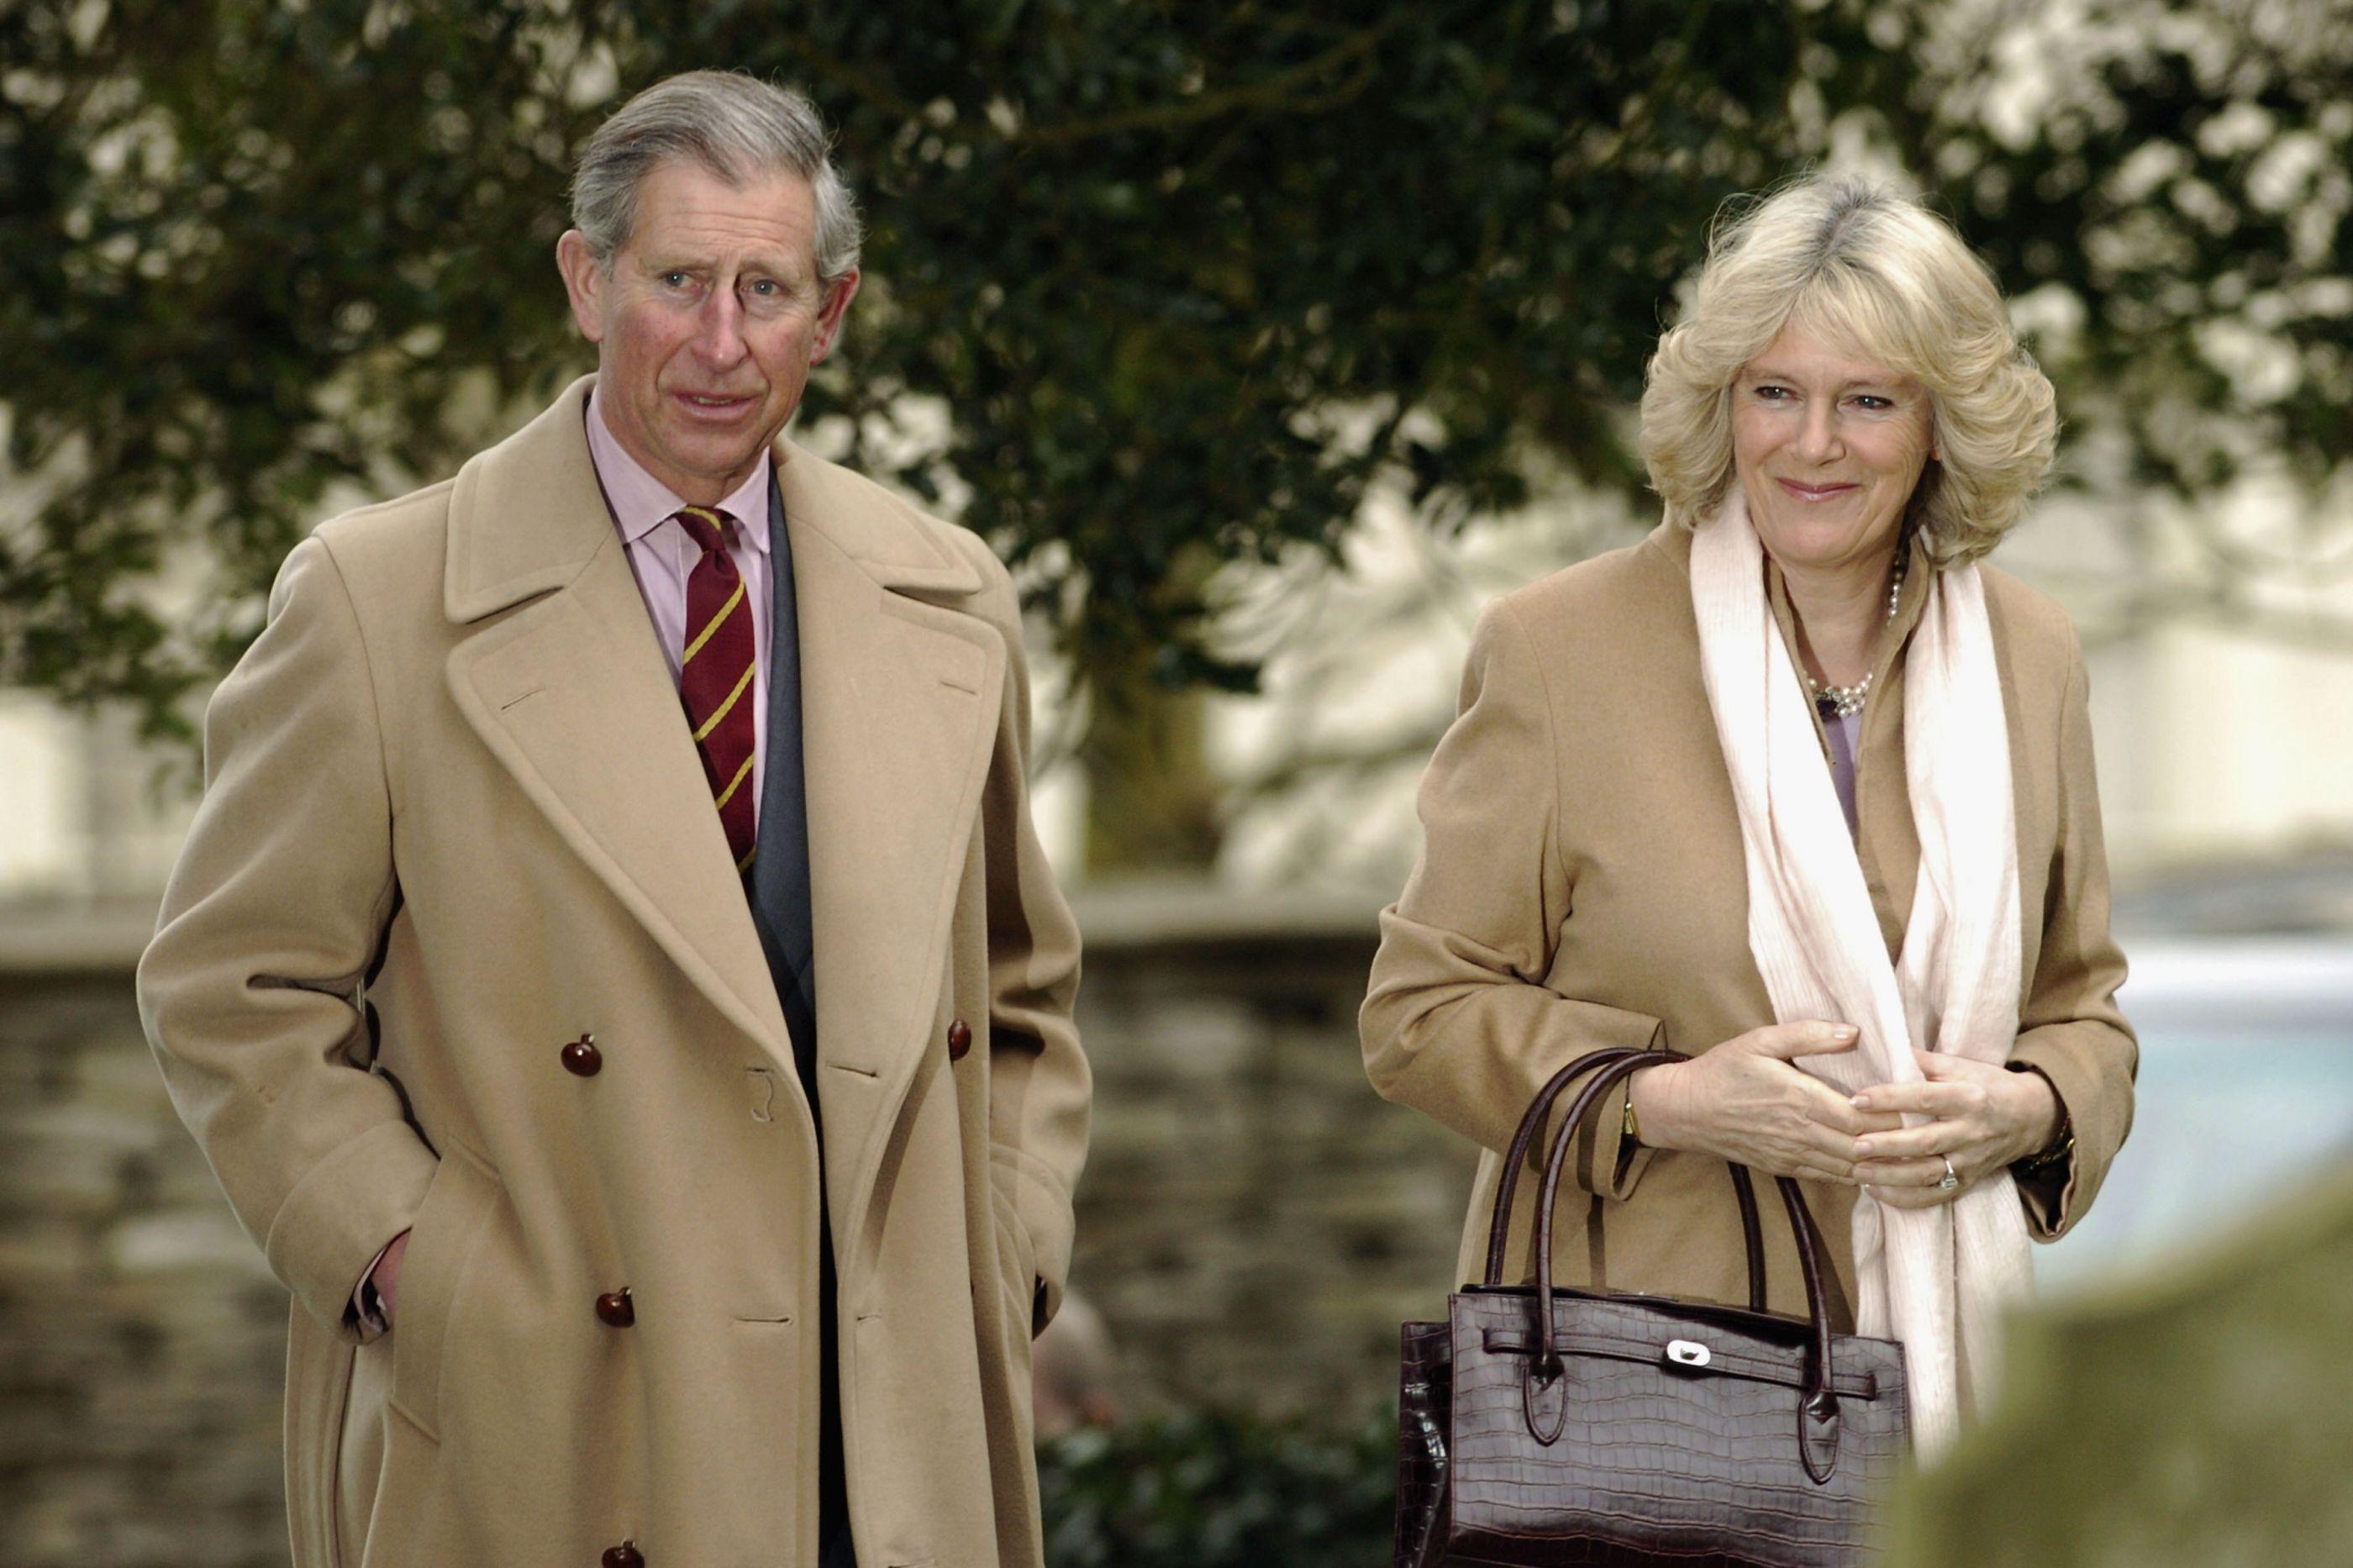 Afinal, Camilla poderá ser rainha quando Carlos subir ao trono